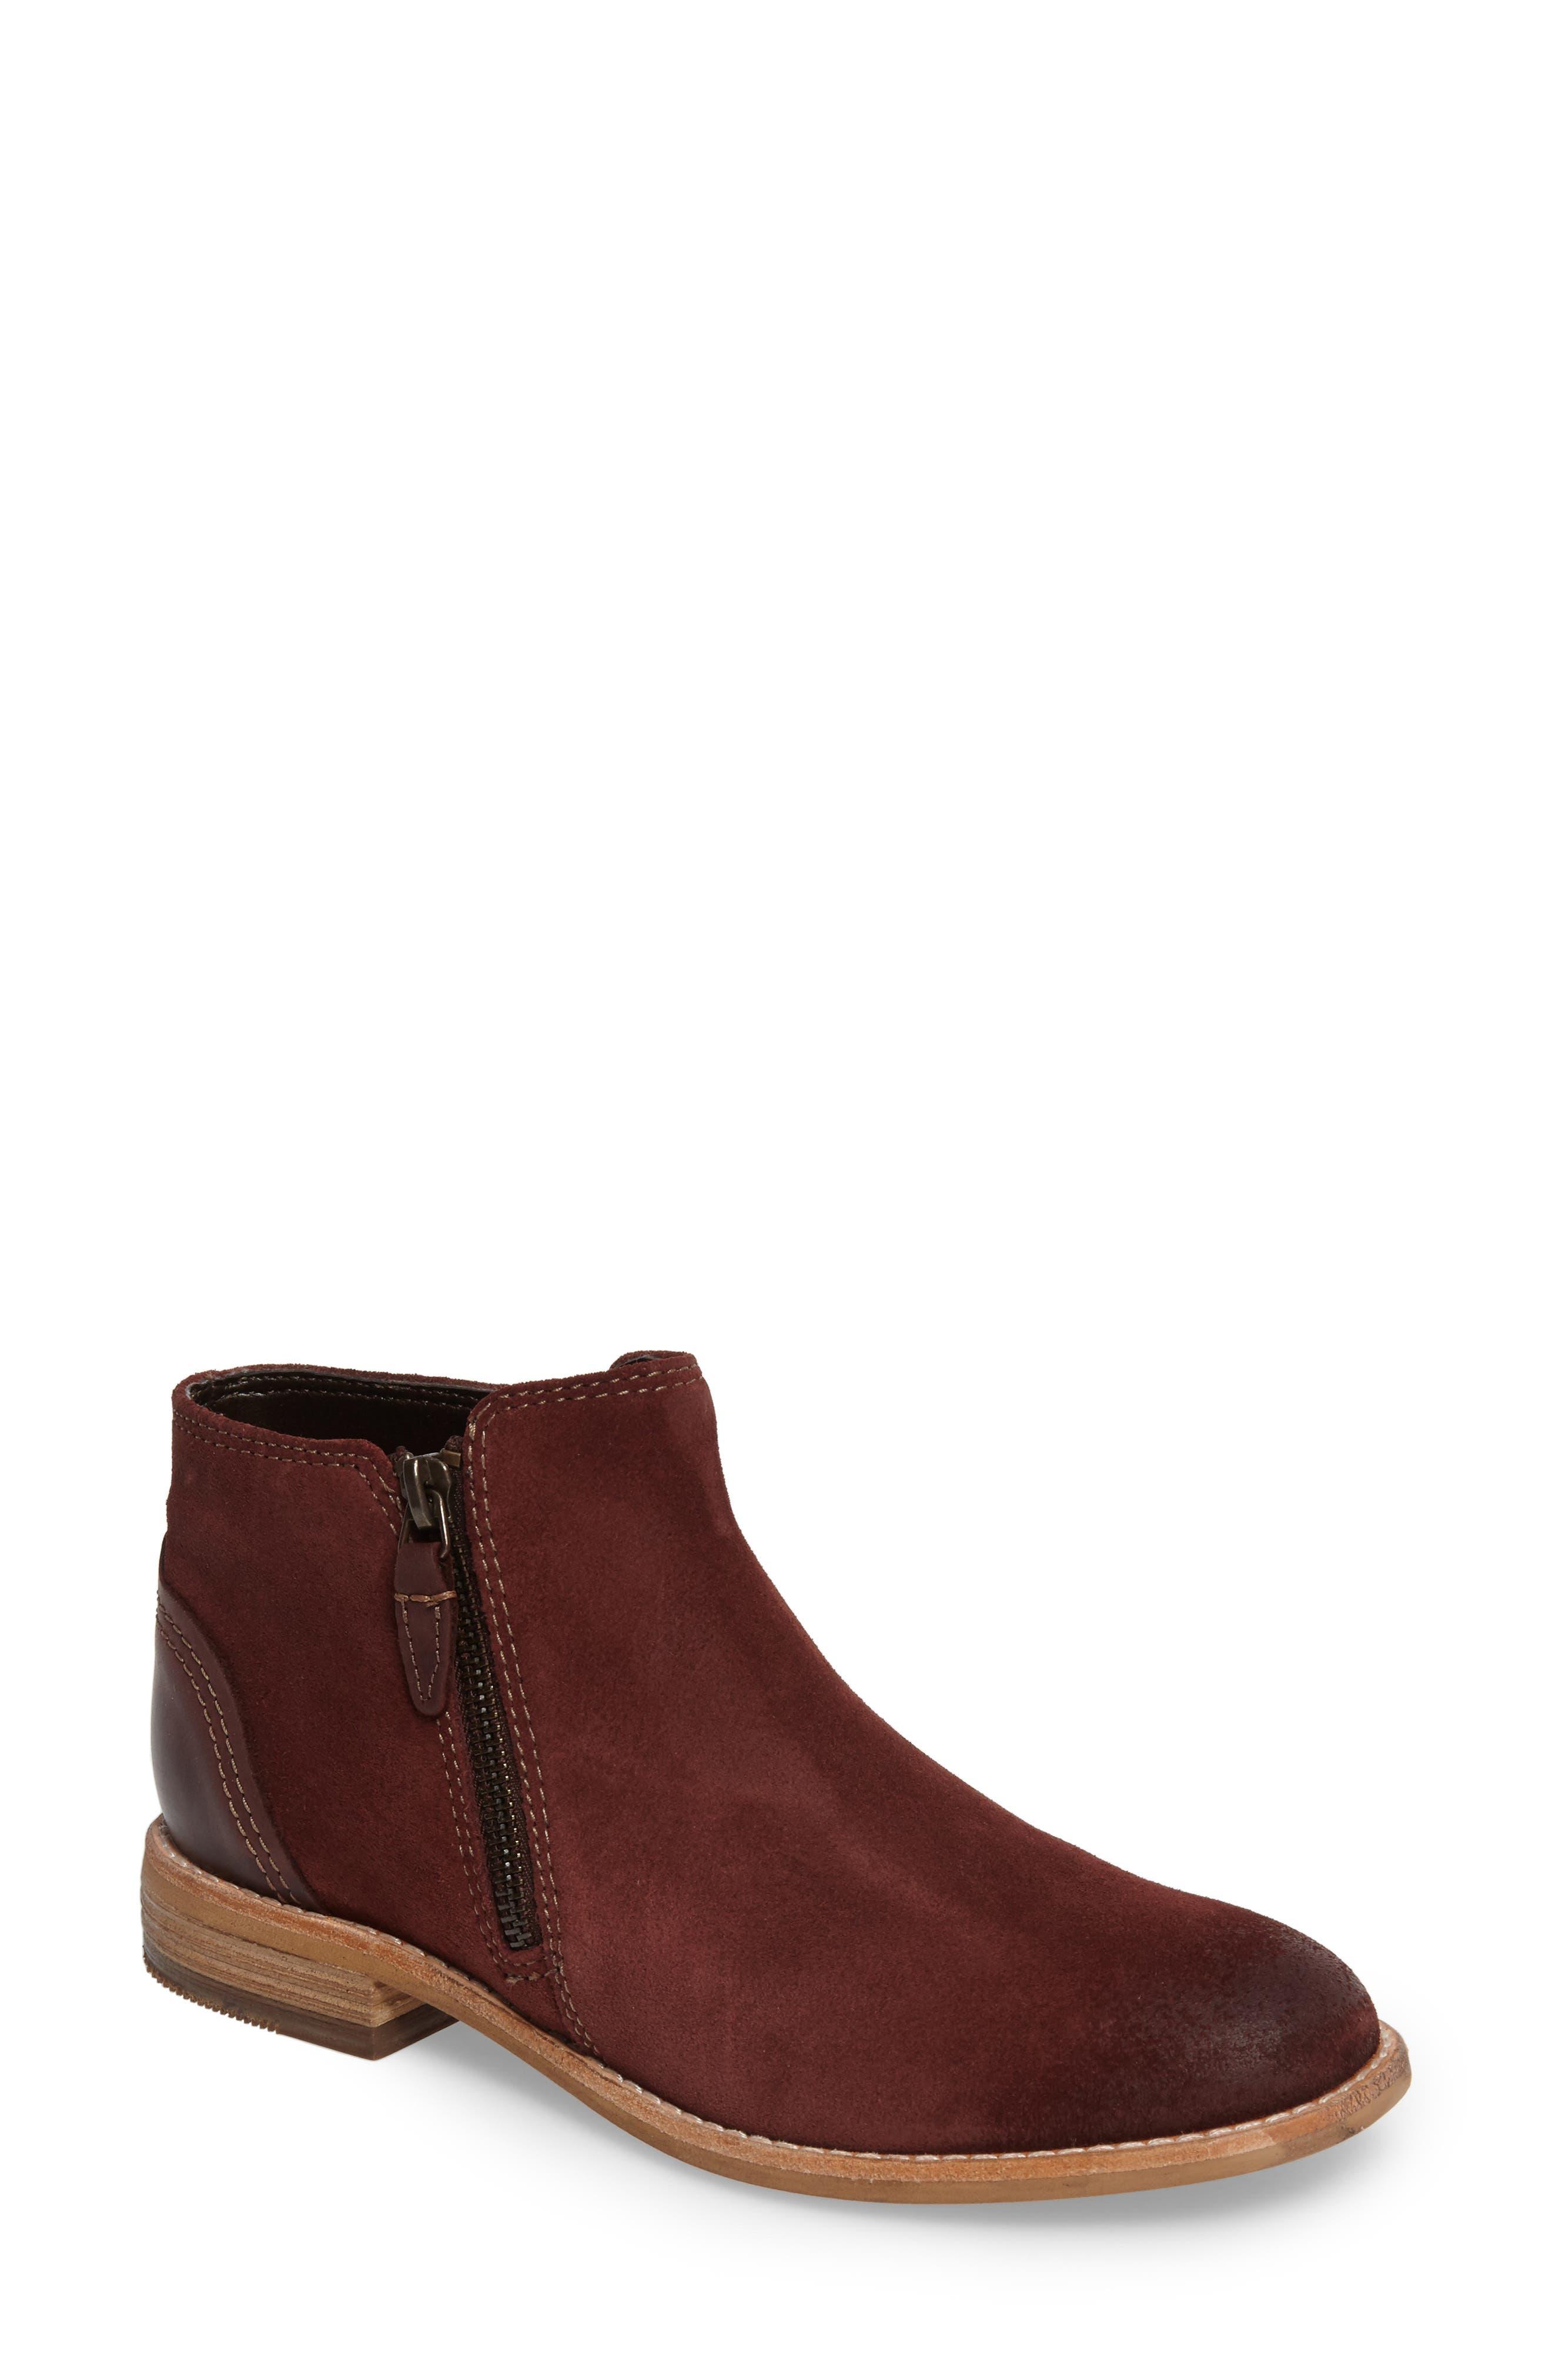 Clarks® Maypearl Juno Ankle Boot (Women)